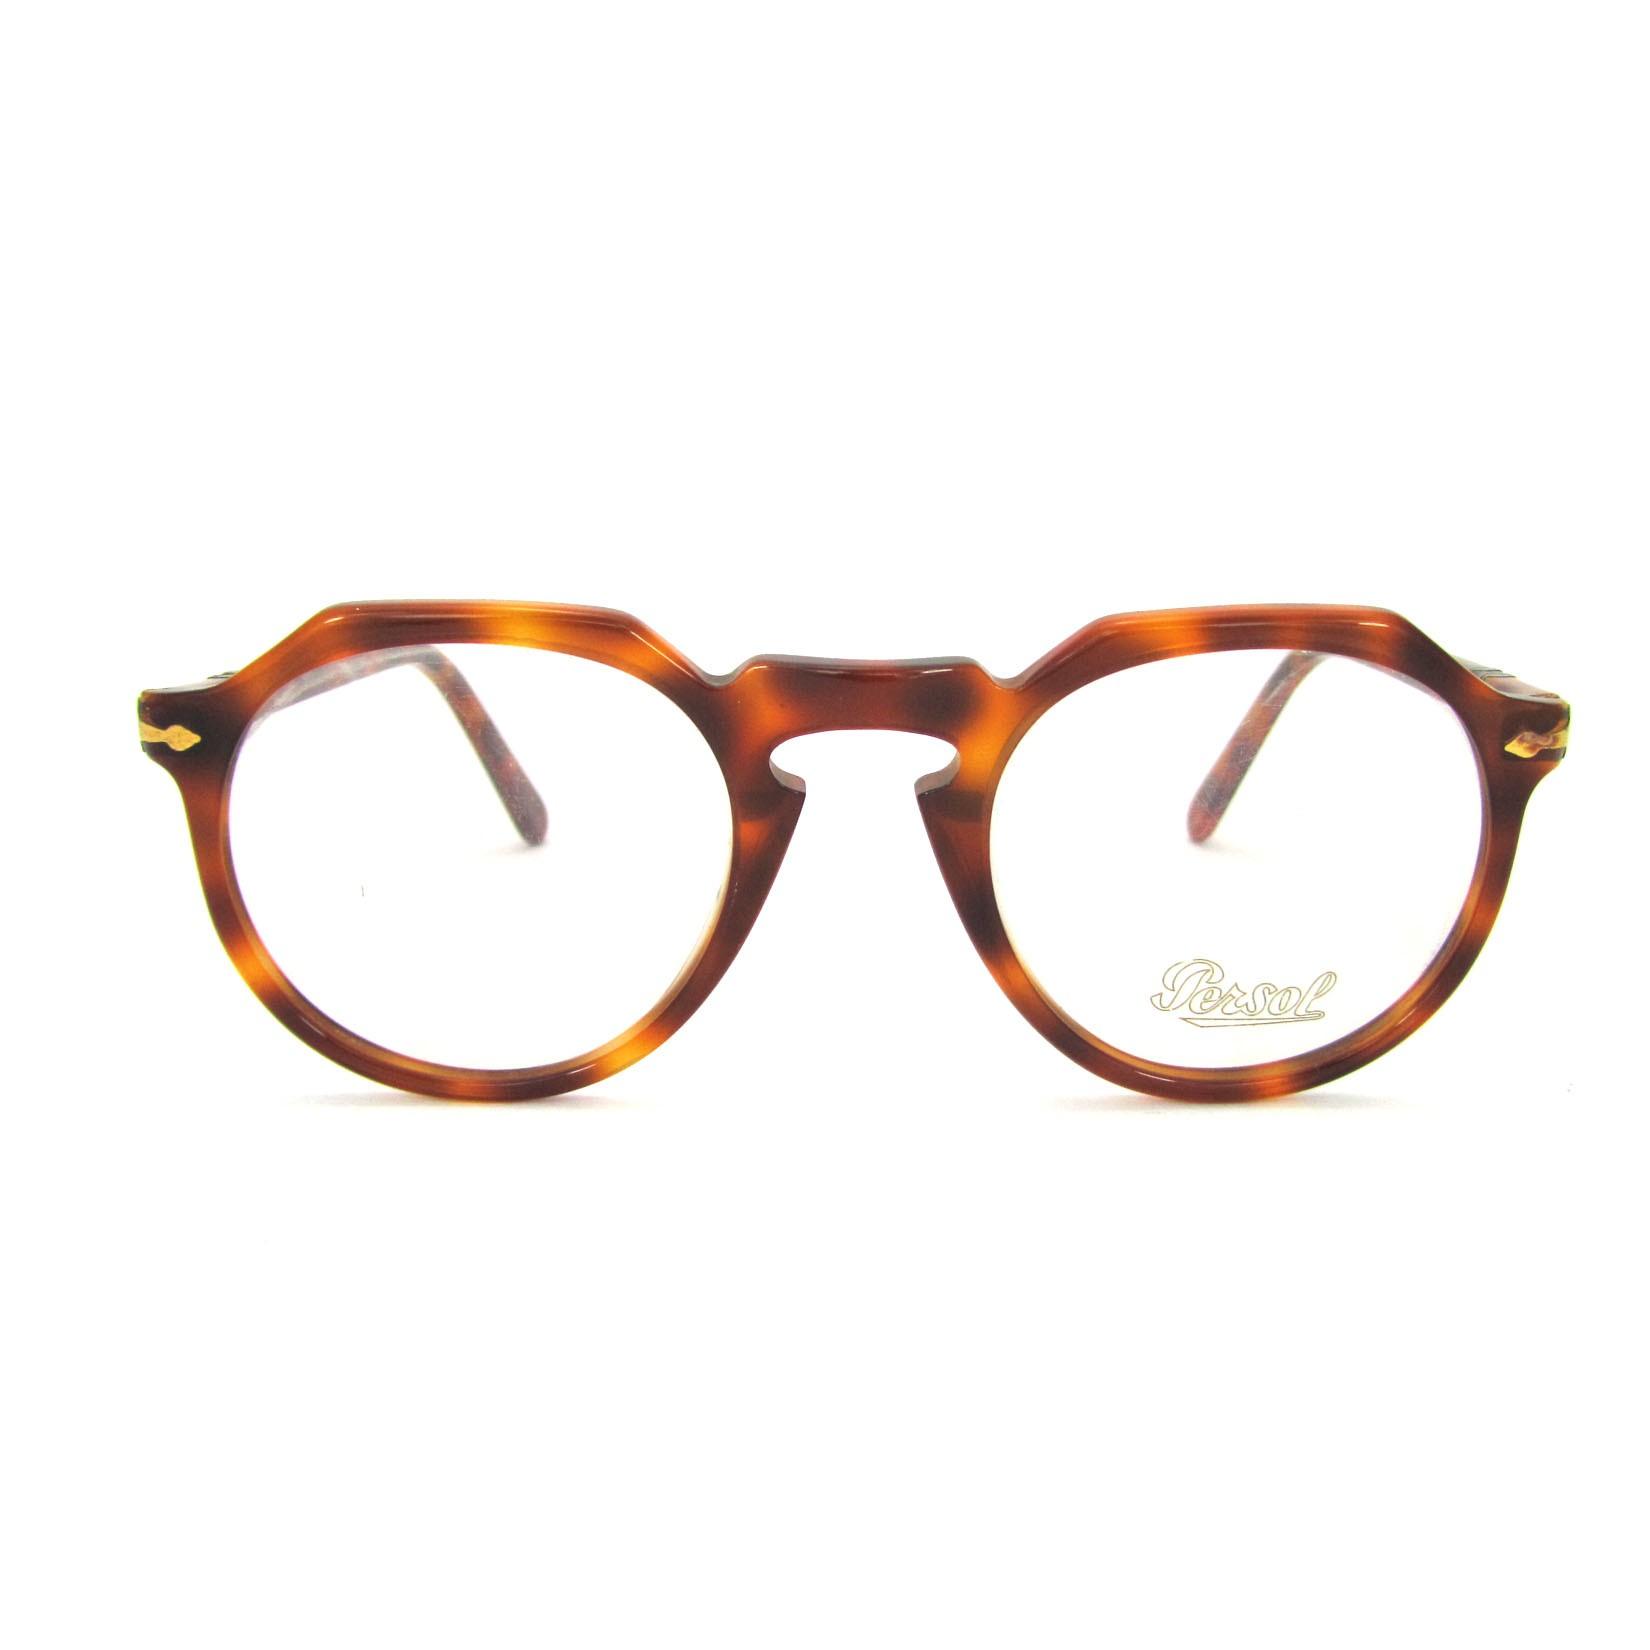 Buy Online Prescription Eyeglasses | Custom Glasses Frames and Lenses